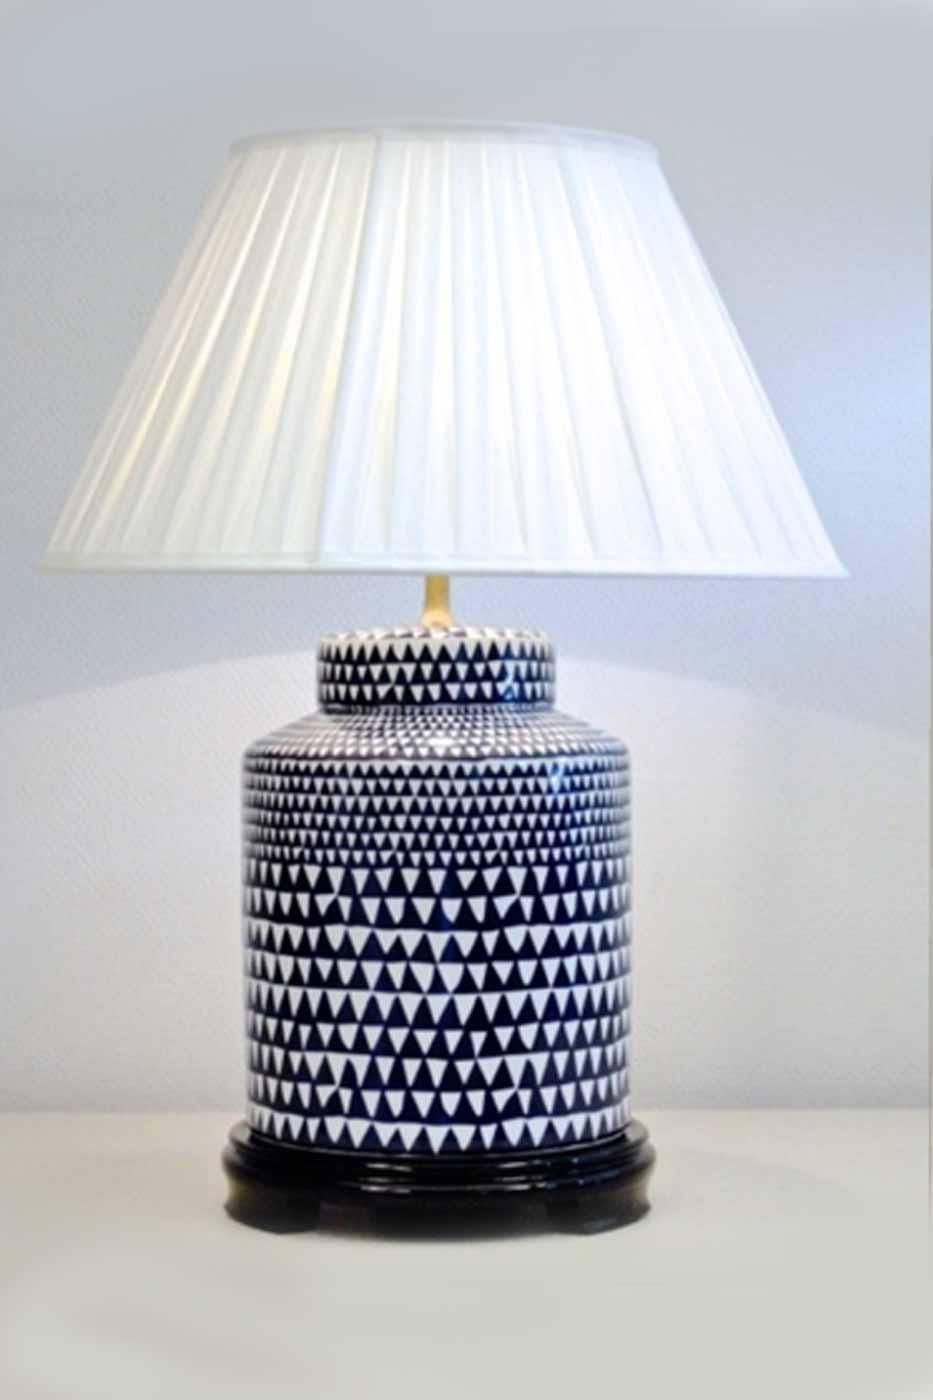 Lampfot Harlekin 40cm blå/vit